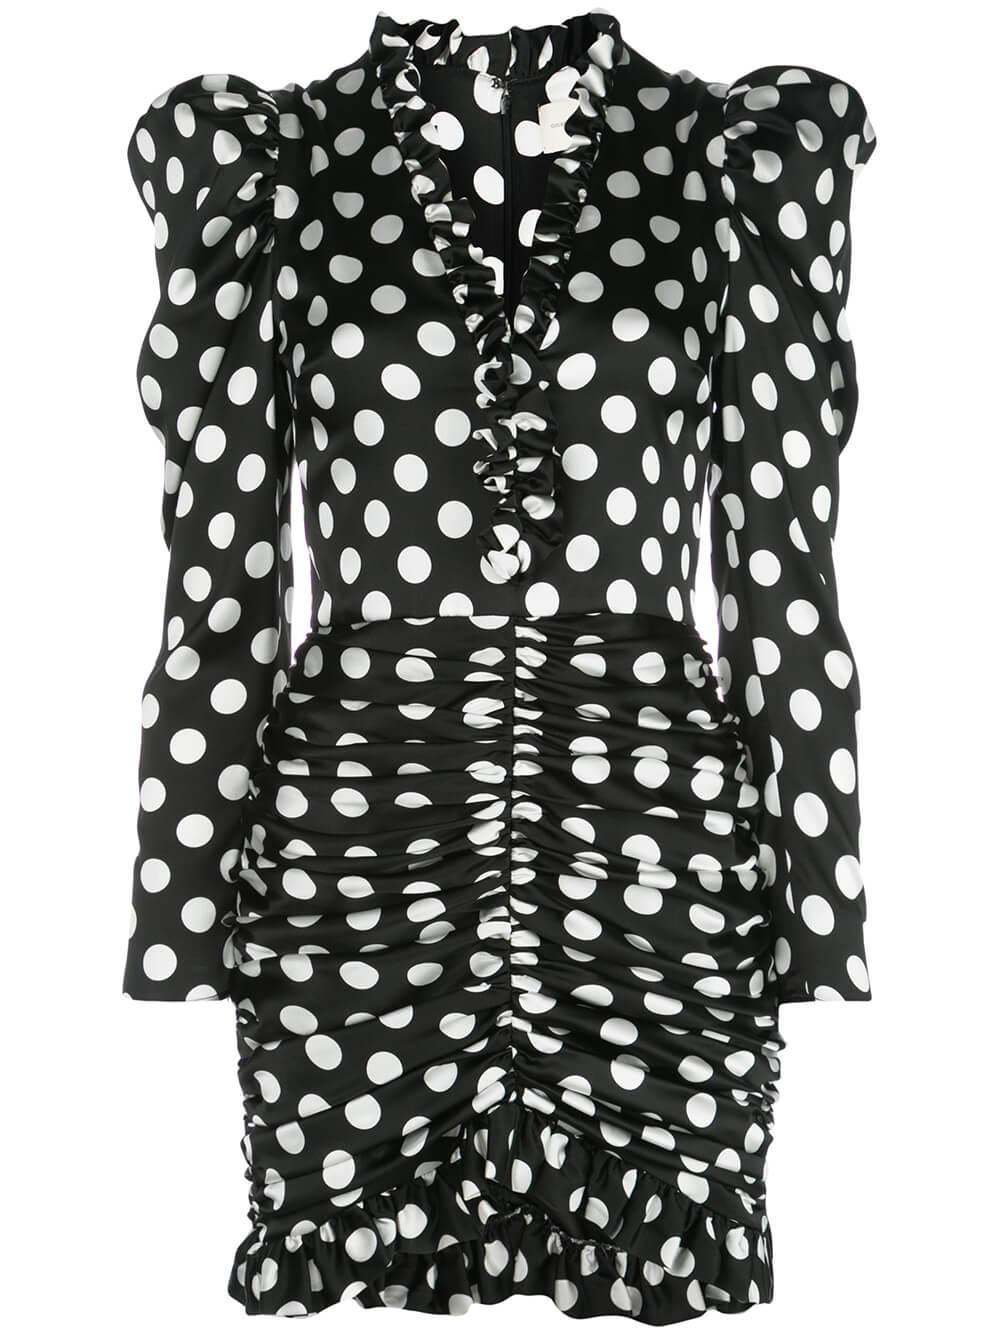 3/4 Sleeve V Neck Polka Dot Dress With Ruched Item # 116DR-63